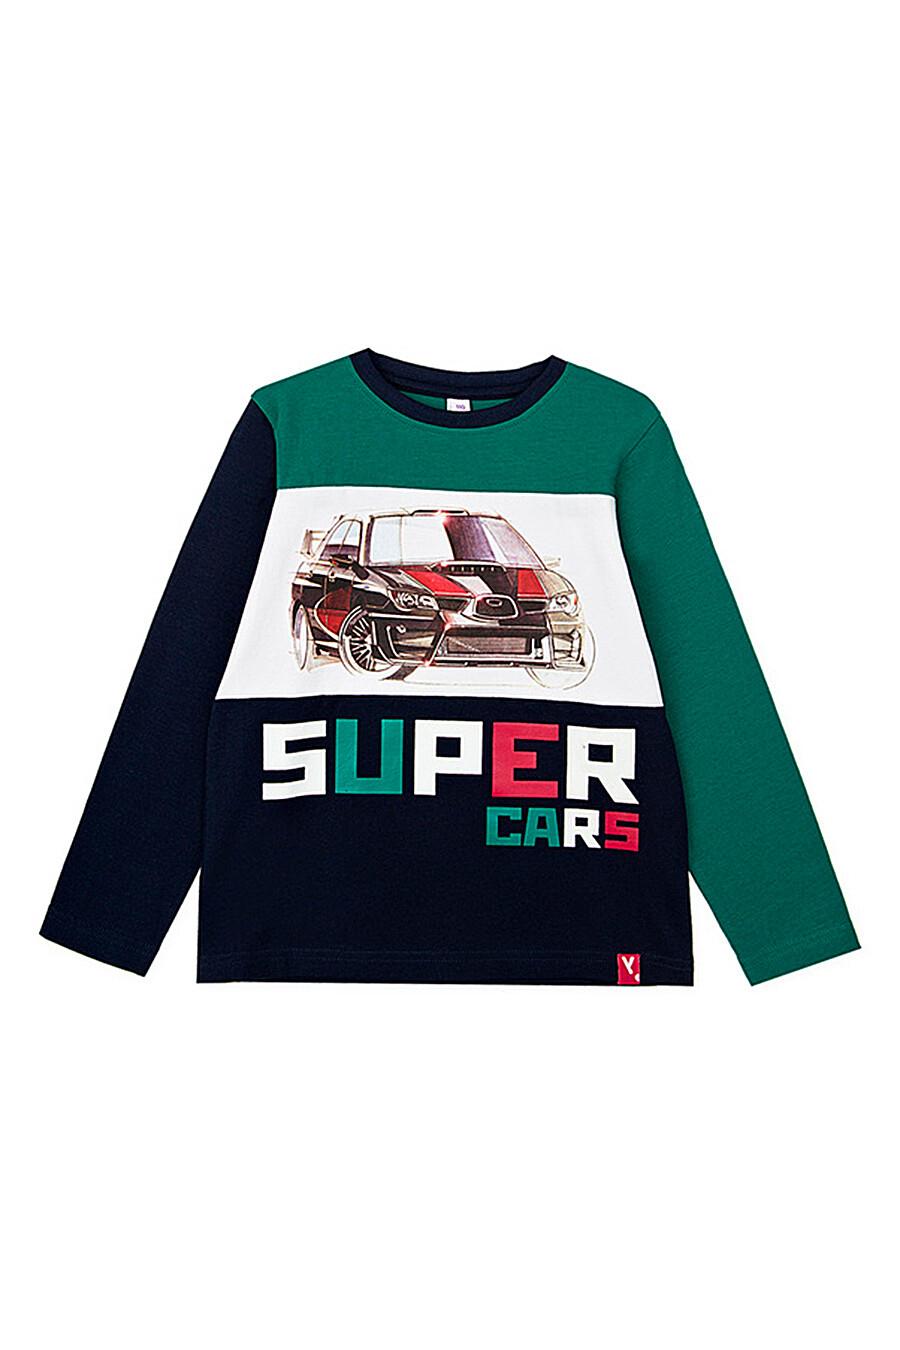 Лонгслив для мальчиков PLAYTODAY 239322 купить оптом от производителя. Совместная покупка детской одежды в OptMoyo